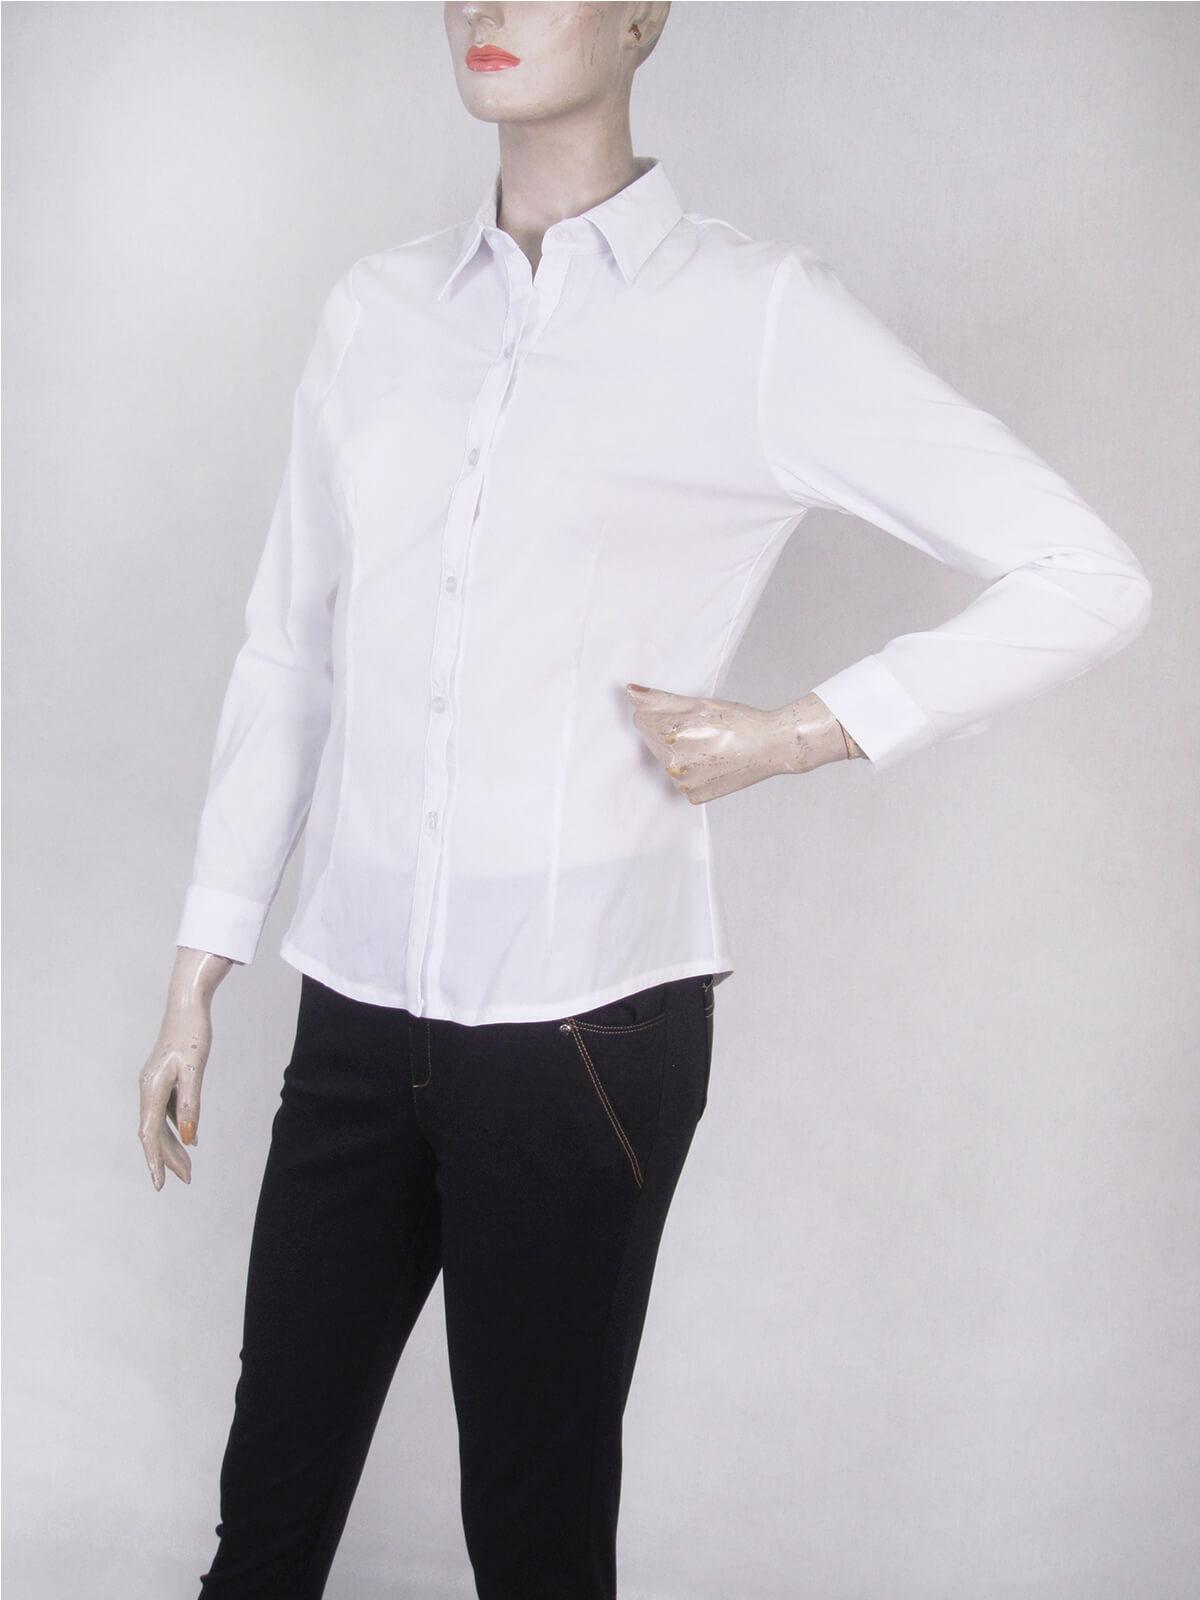 腰身剪裁淑女素面襯衫 修身長袖襯衫 合身顯瘦標準襯衫 正式襯衫 面試襯衫 上班族襯衫 商務襯衫 防曬襯衫 (333-A261-01)素面白色襯衫、(333-A261-21)素面黑色襯衫 胸圍32~50英吋 [實體店面保障] sun-e333 5